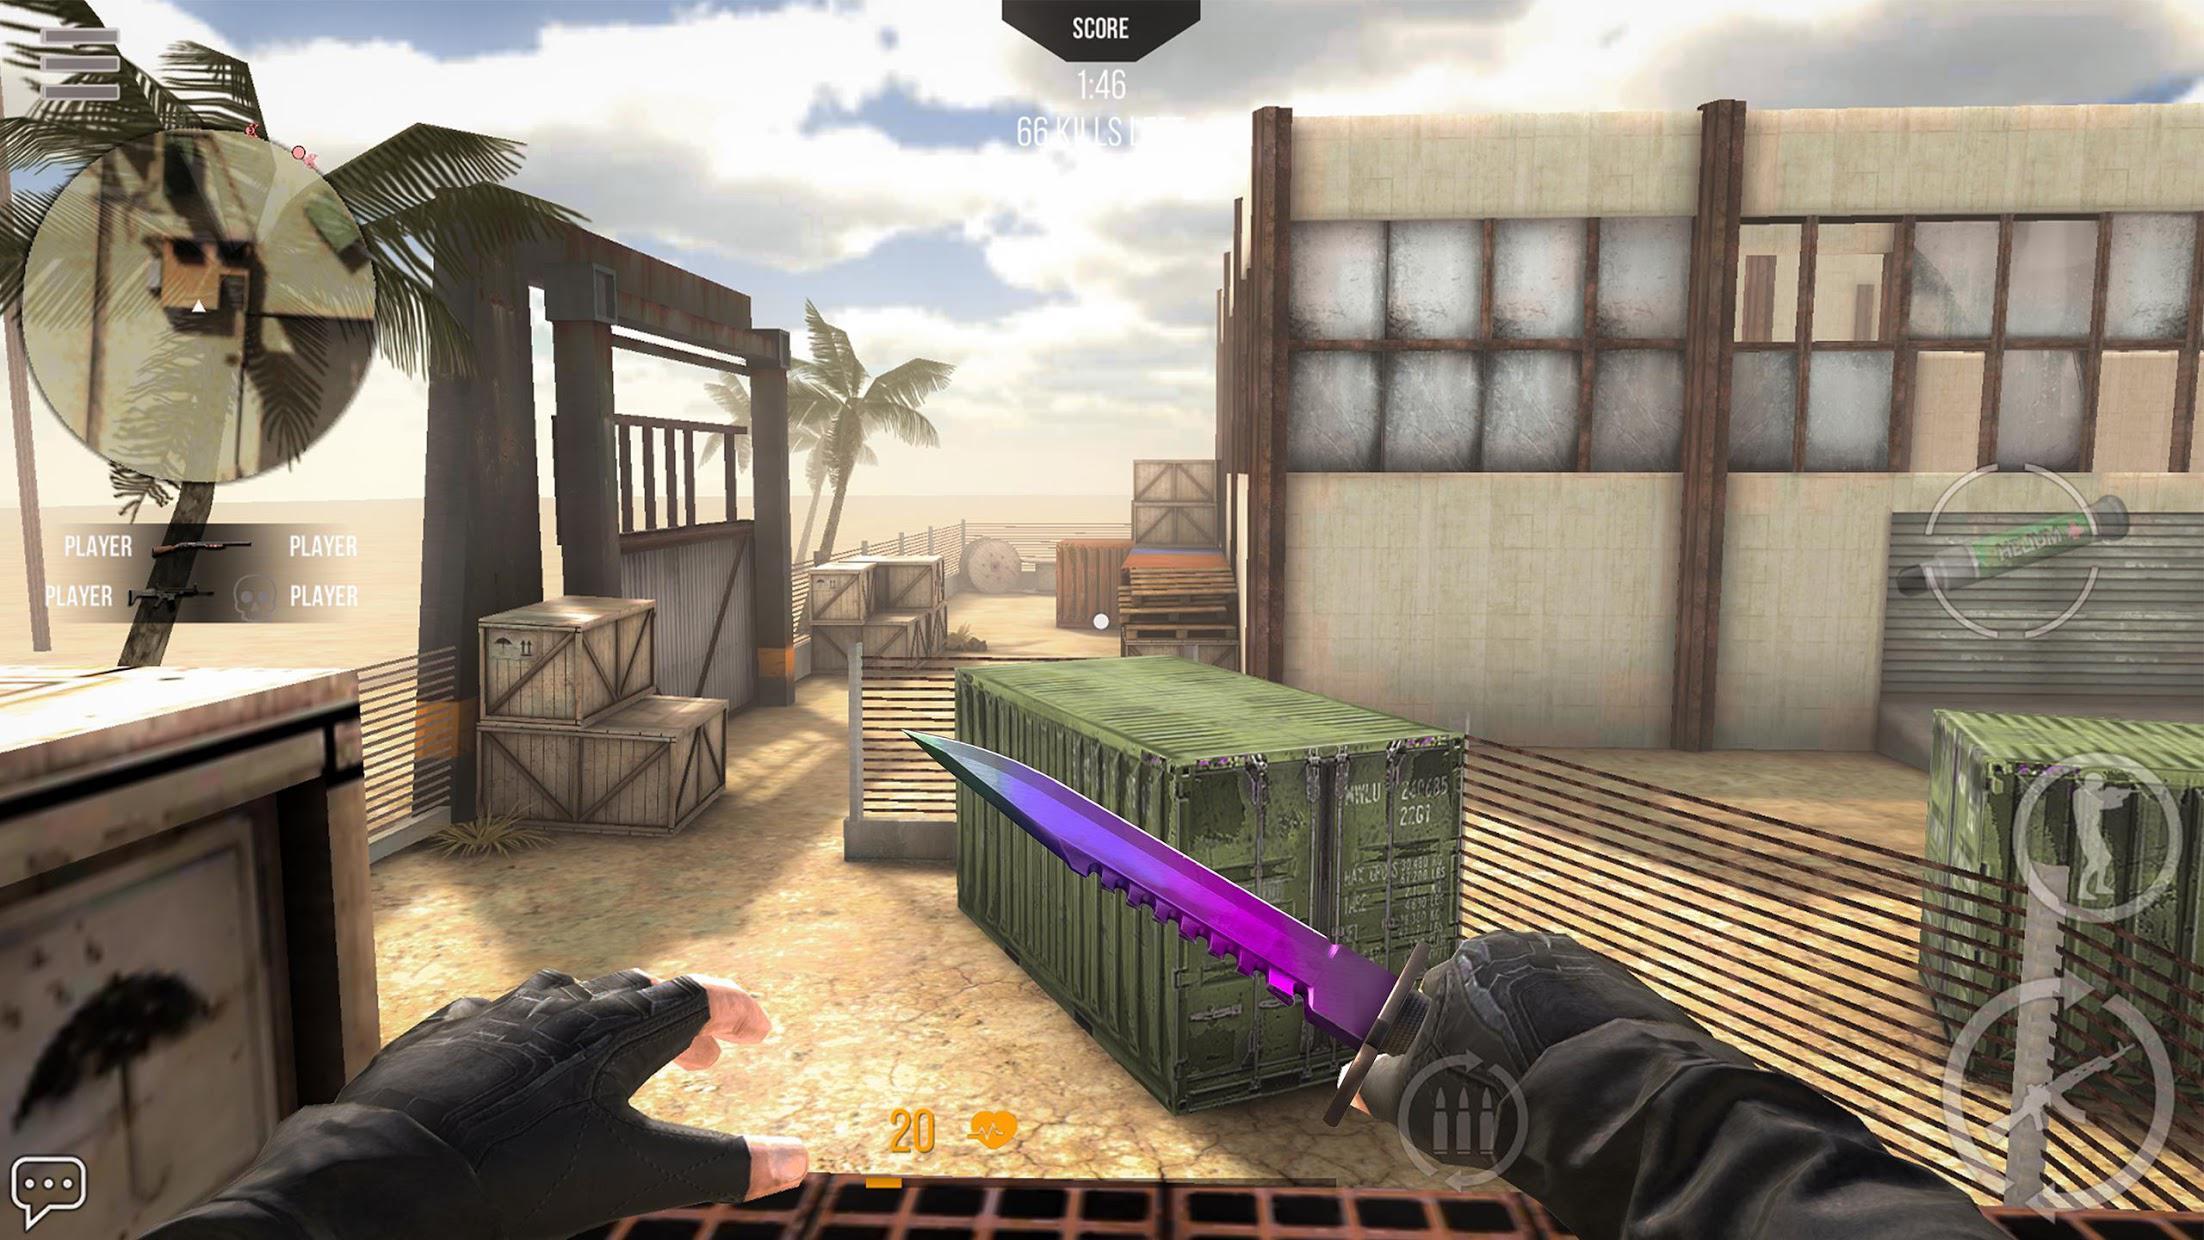 为什么下载火线出击 Online: 战争游戏 射击游戏网络游戏那么慢